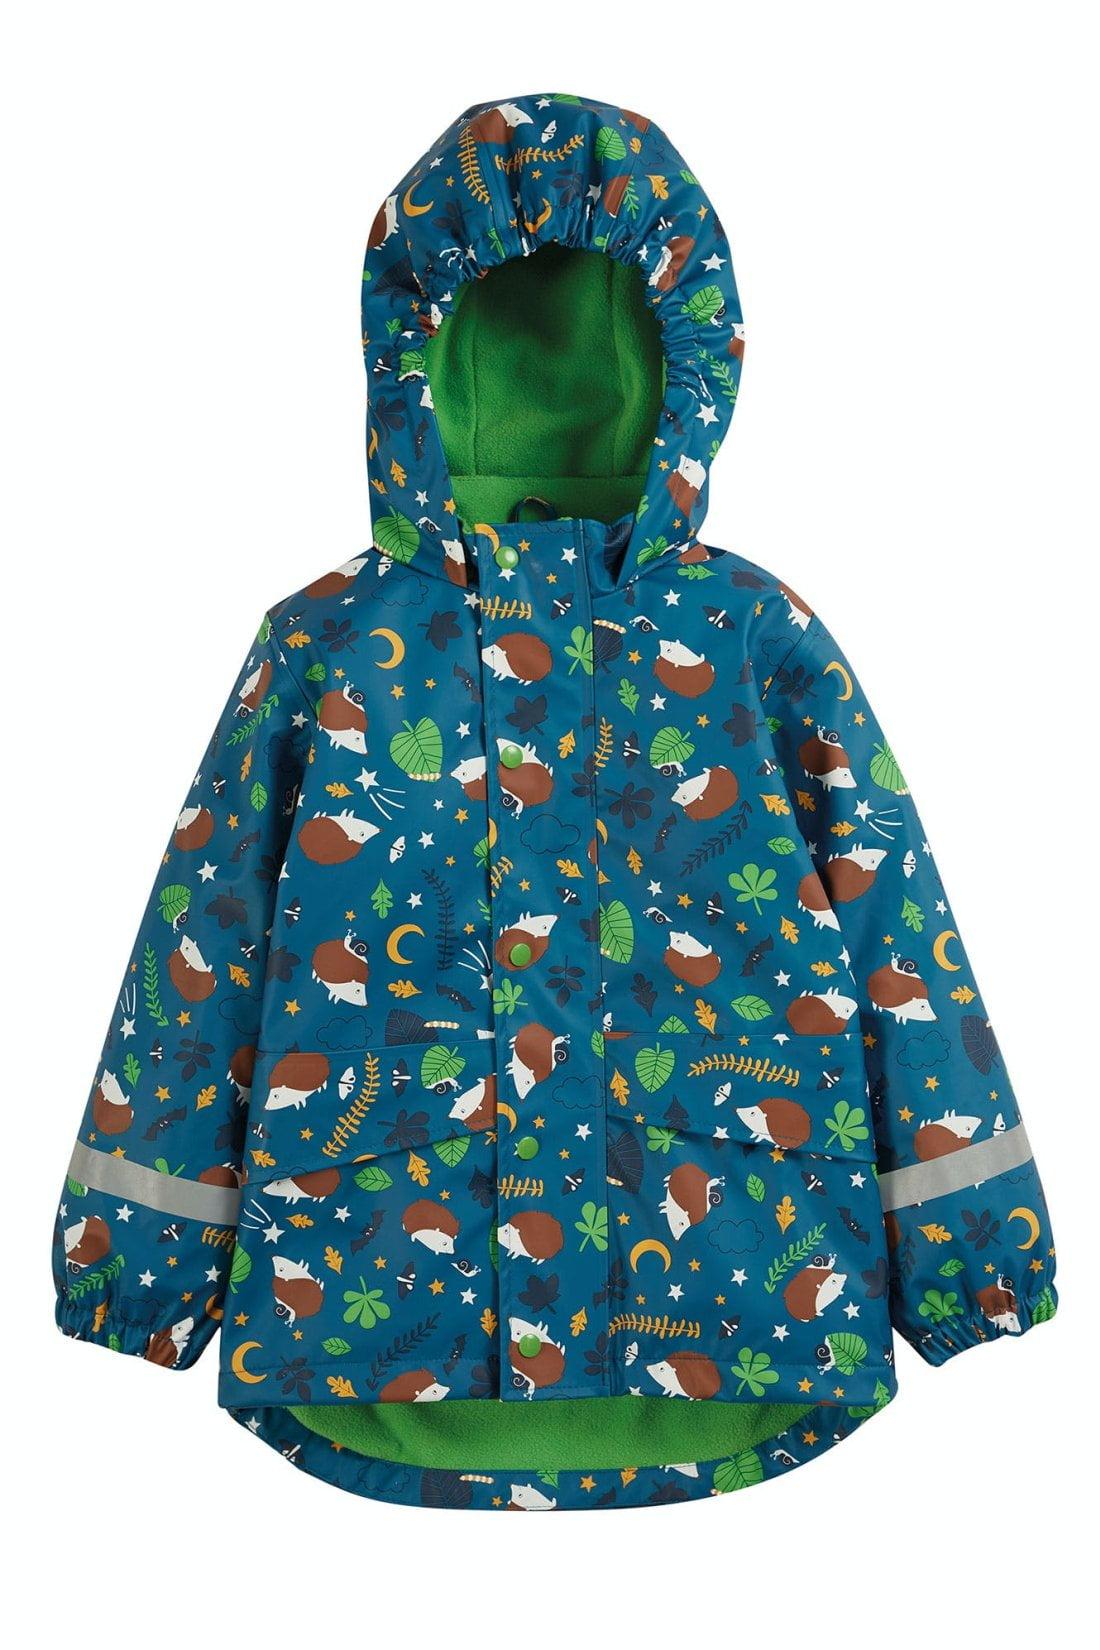 Geacă impermeabilă de ploaie căptușită cu fleece National Trust Puddle Buster Frugi